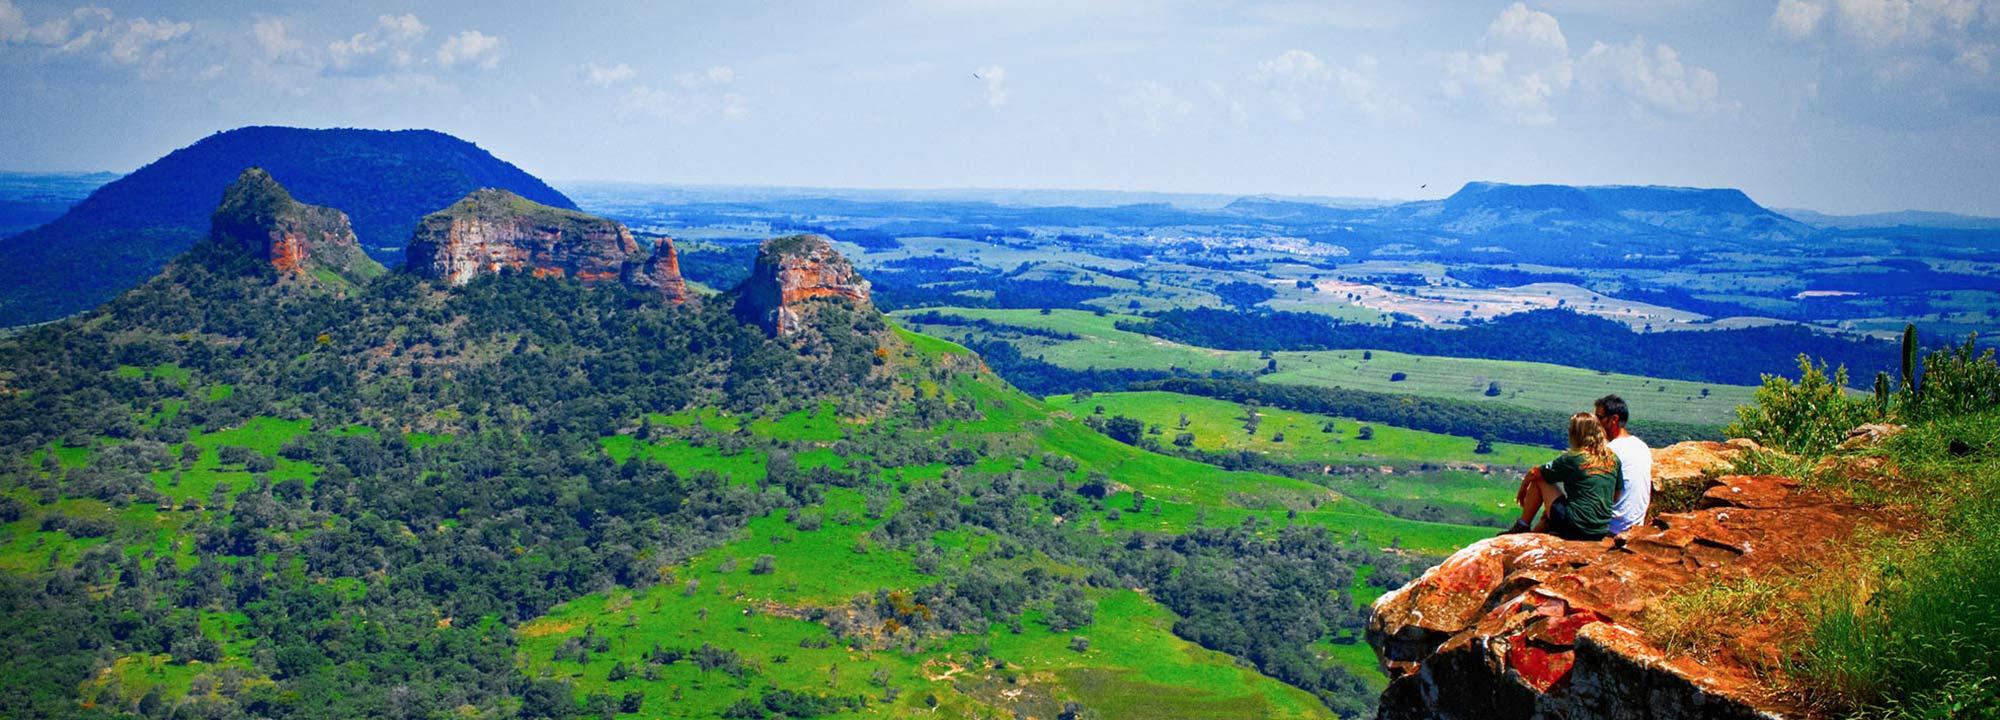 paisagem de ecoturismo em sao paulo